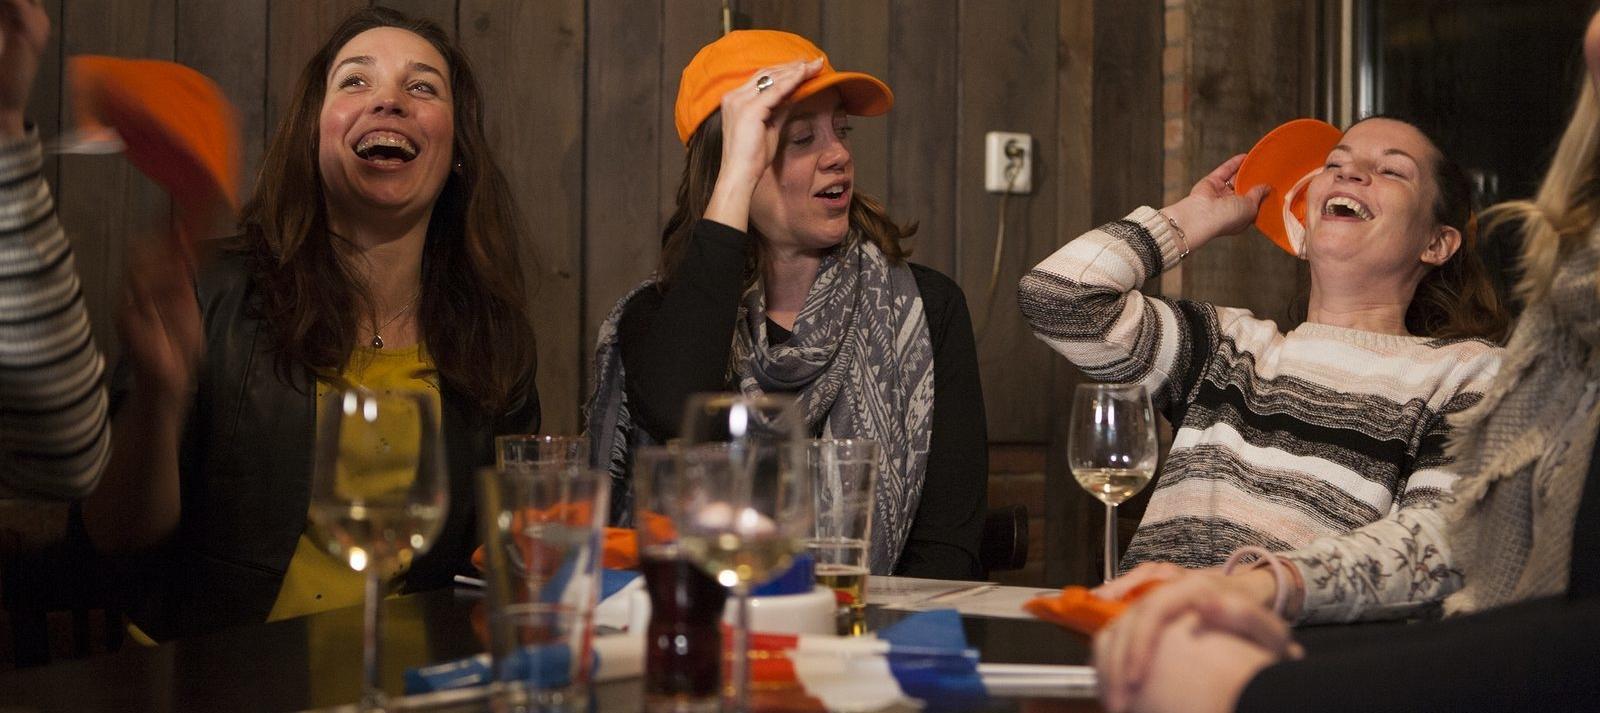 Helemaal Hollands dinerspel - Gezellig groepsuitje op de Veluwe